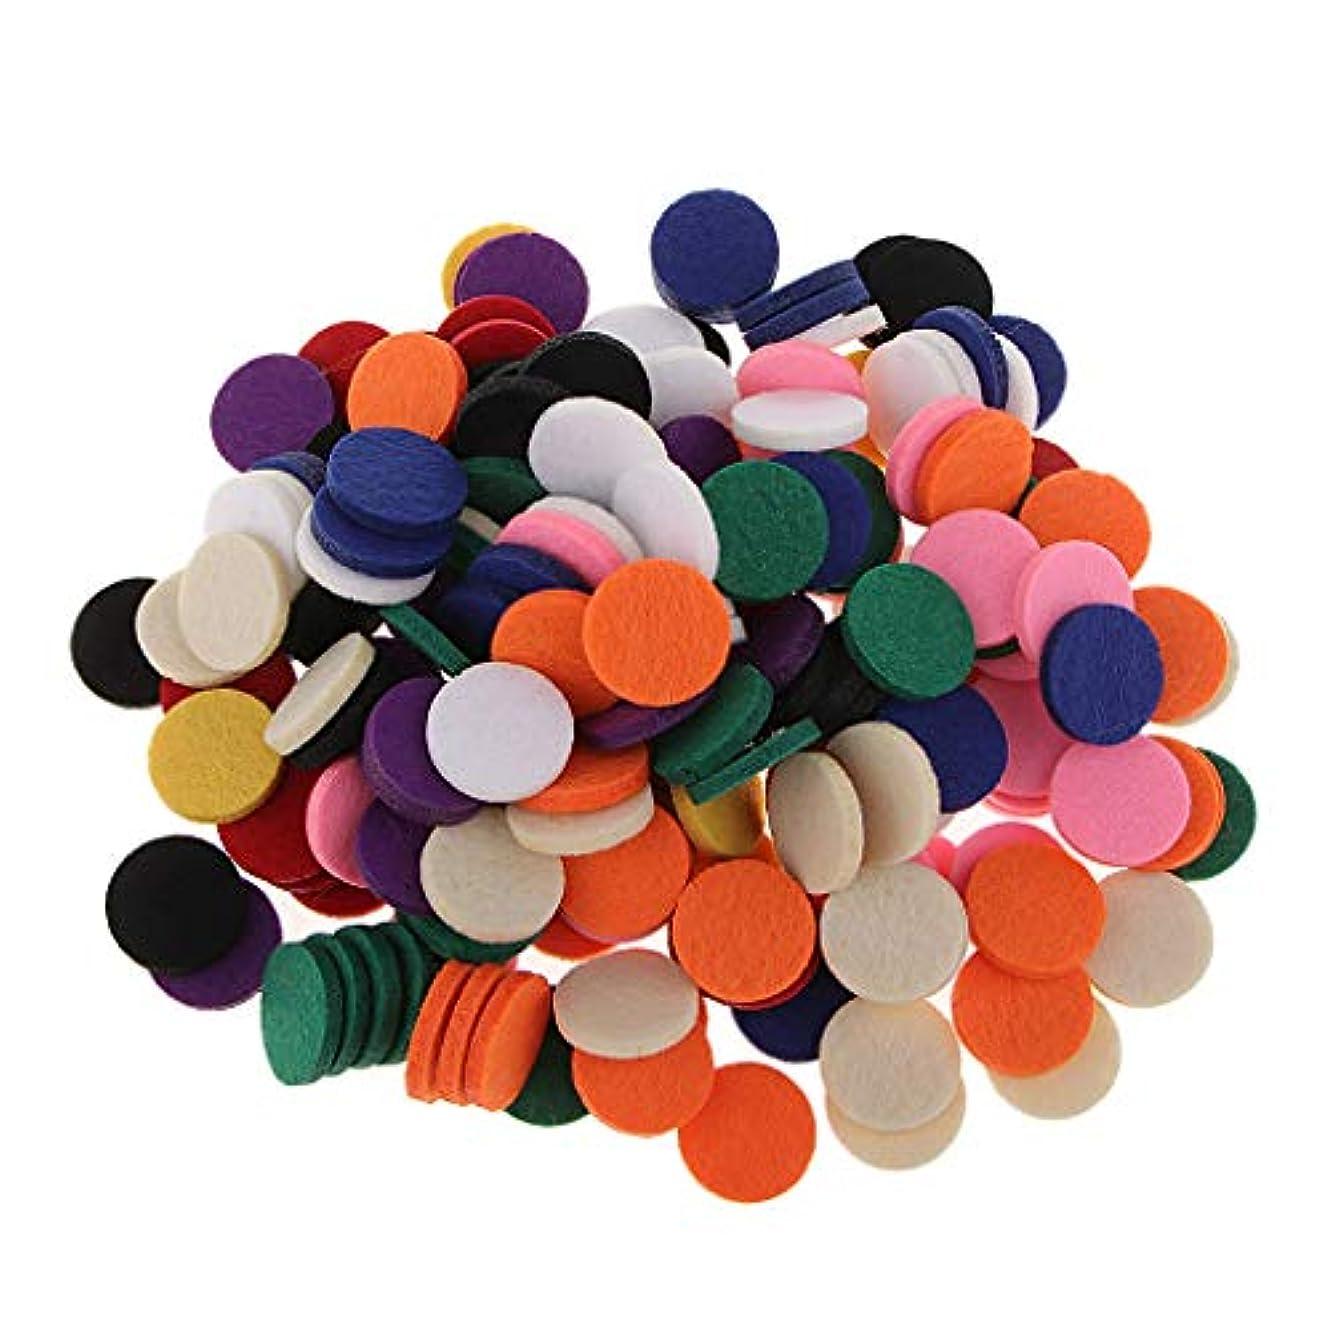 有害ゼロ難しいアロマオイルパッド アロマパッド 詰め替えパッド チェアマット 高い吸収性 香水 全11色 約200個入り - 混在